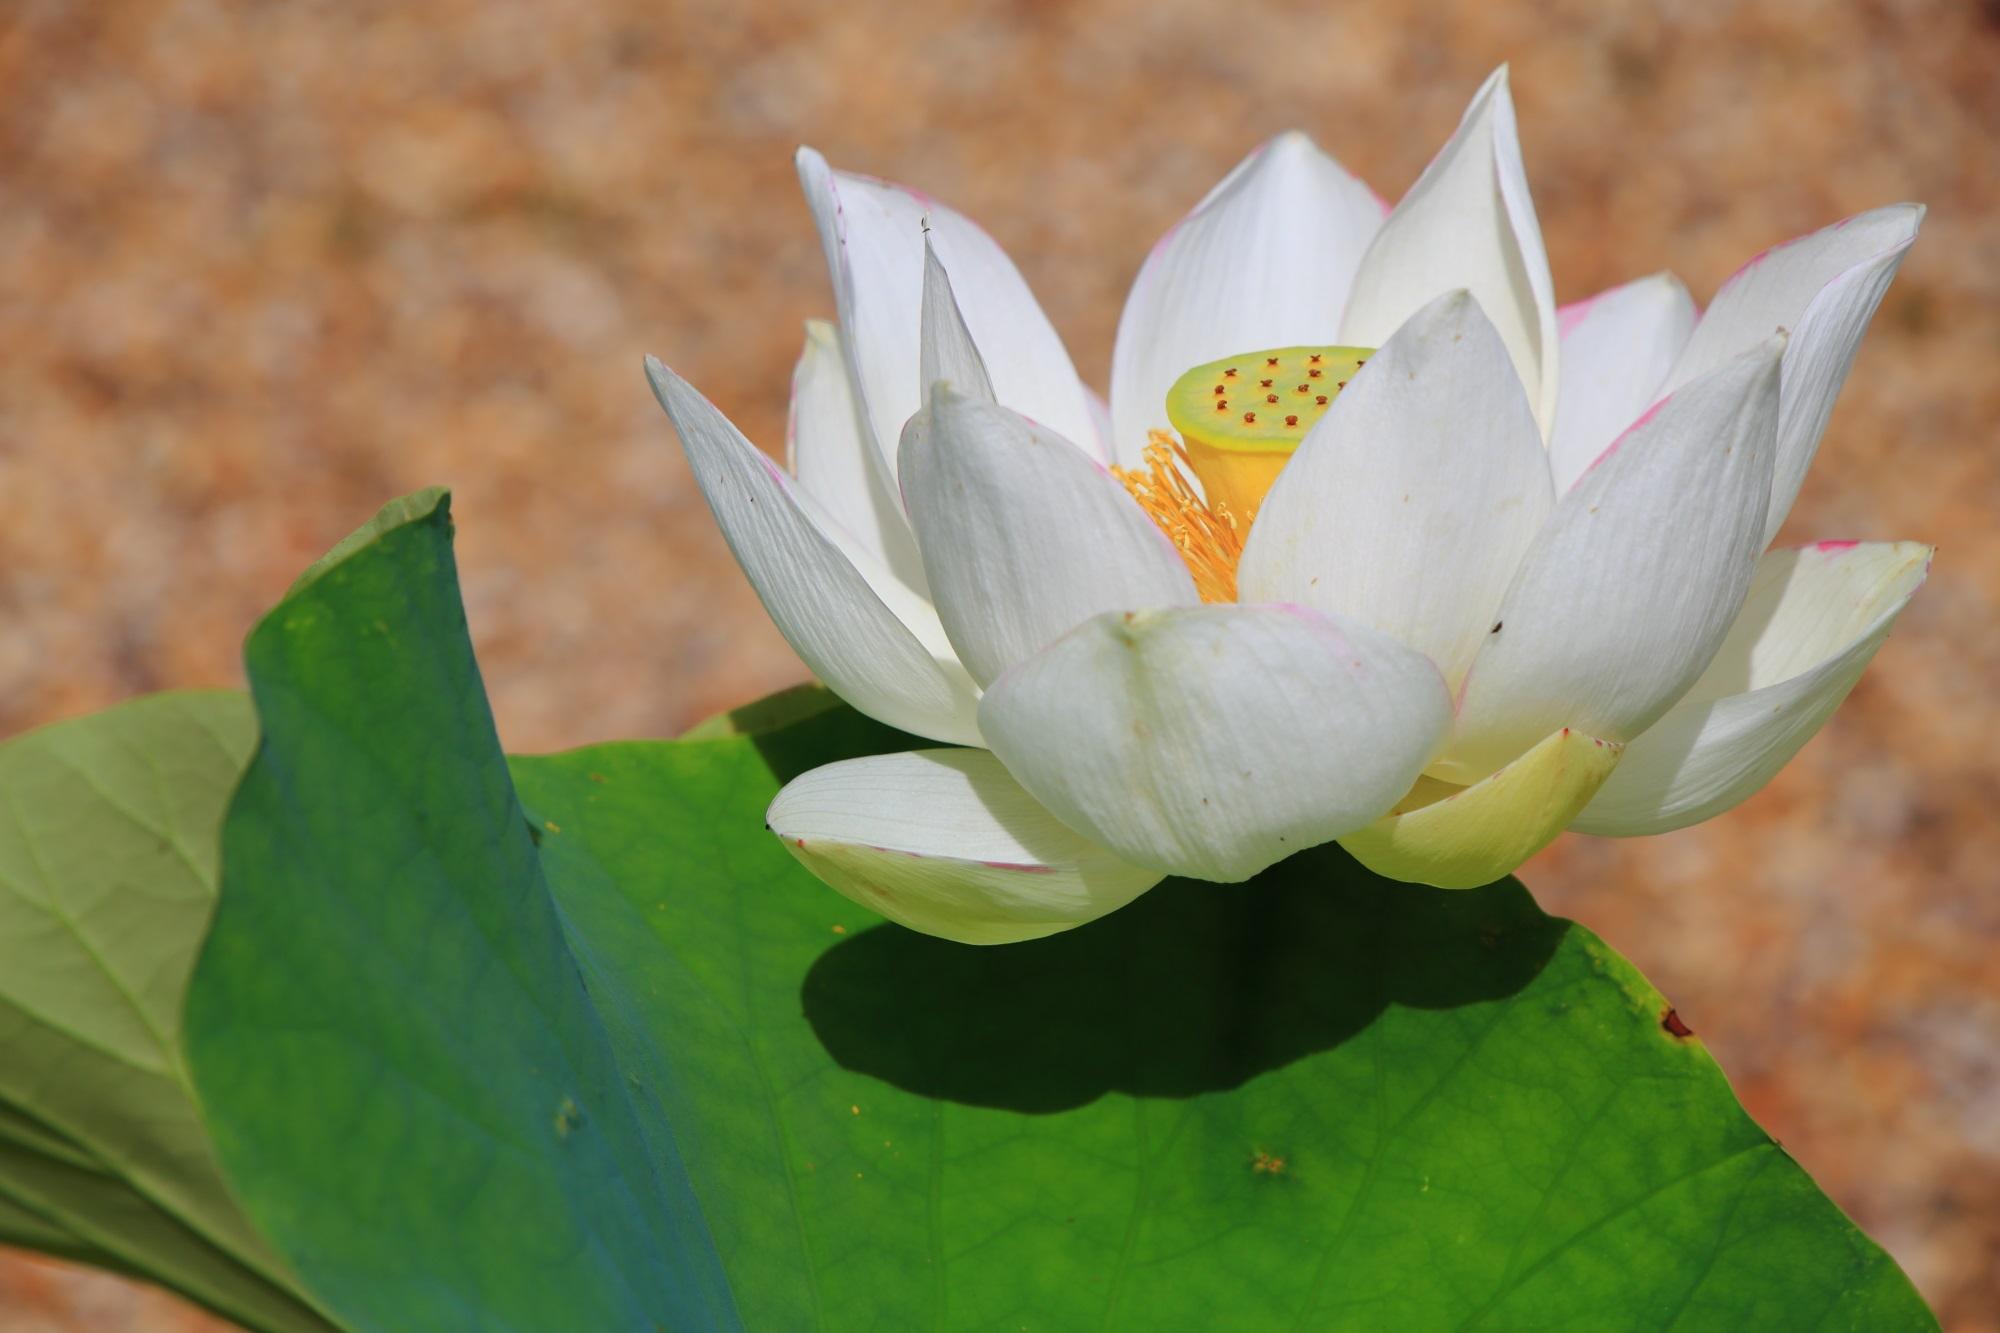 夏には多種多様な蓮の花につつまれる京都宇治の蓮の名所の萬福寺は(まんぷくじ)